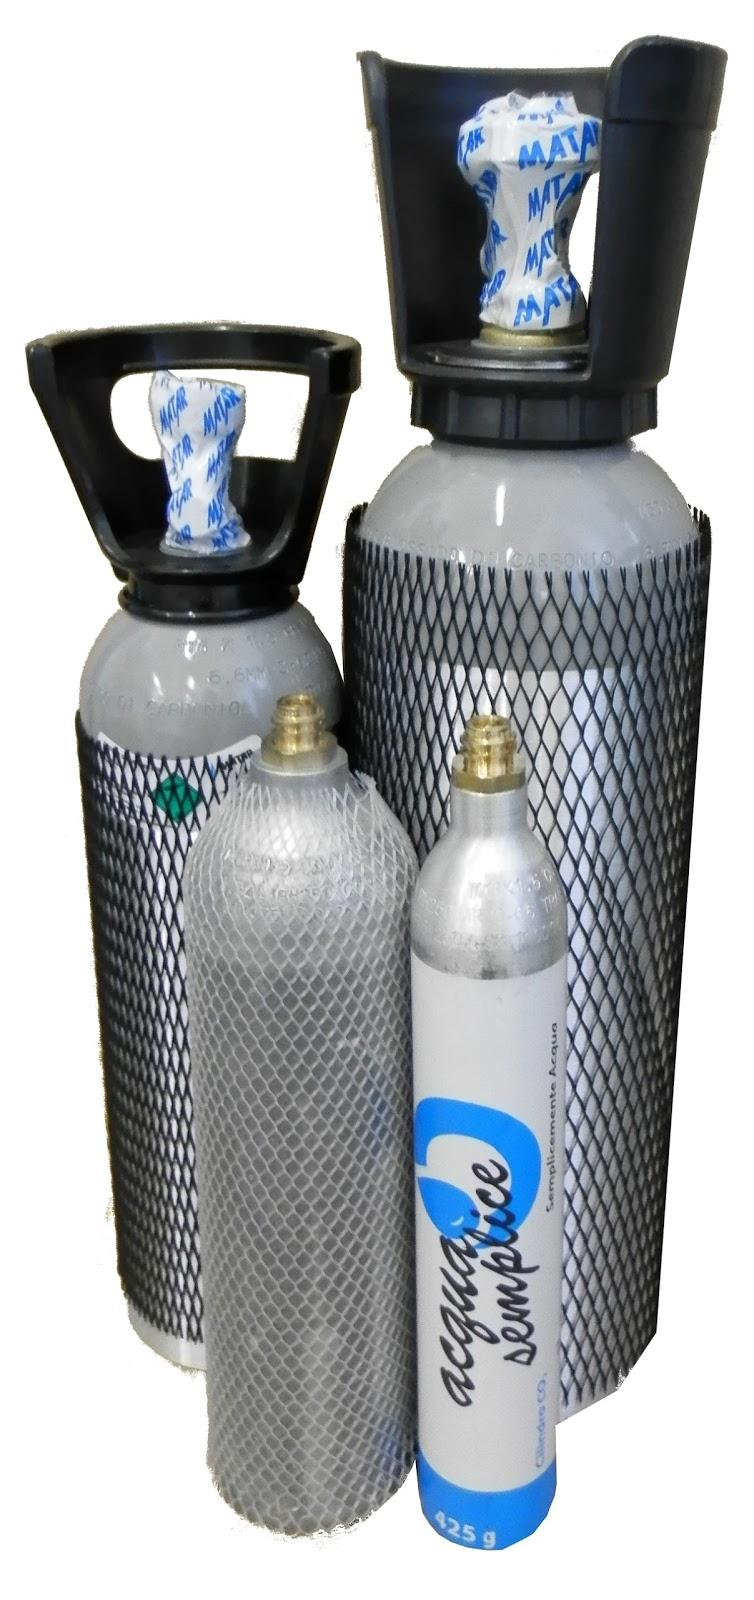 osmosi, microfiltrazione, erogatori acqua: roma bombole di co2 per